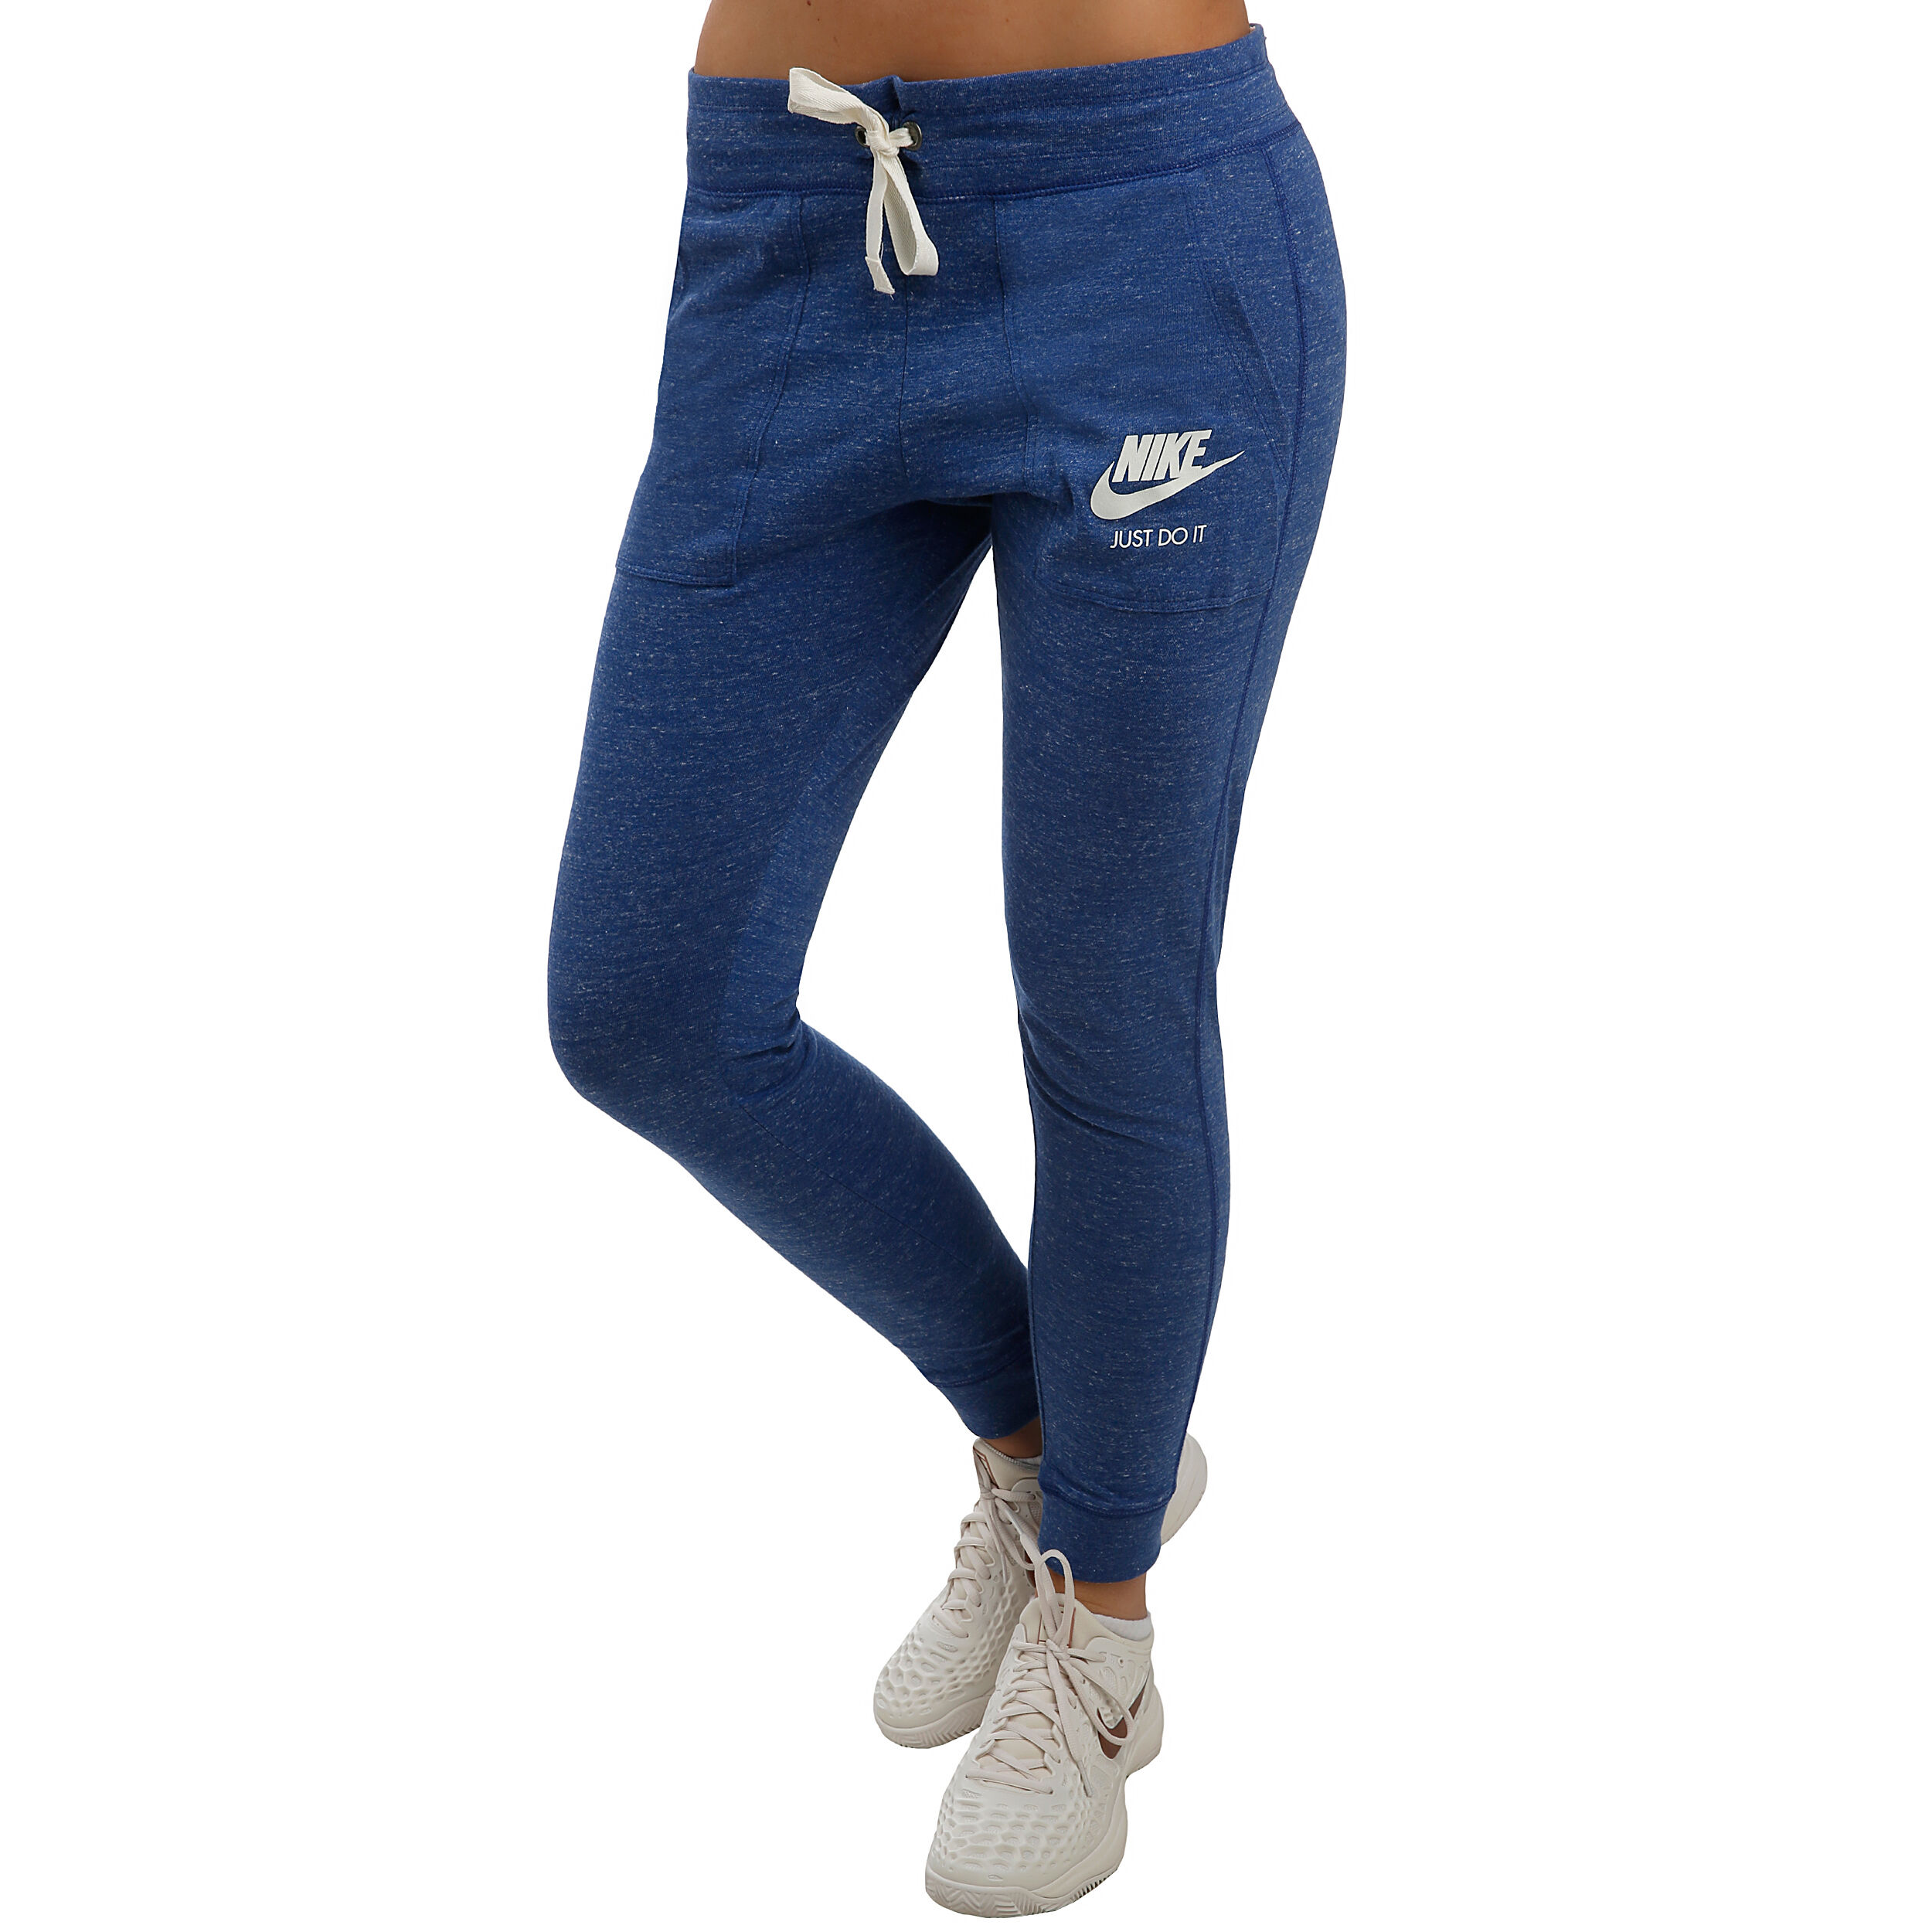 Nike Sportswear Vintage Damen Blau, Weiß online kaufen